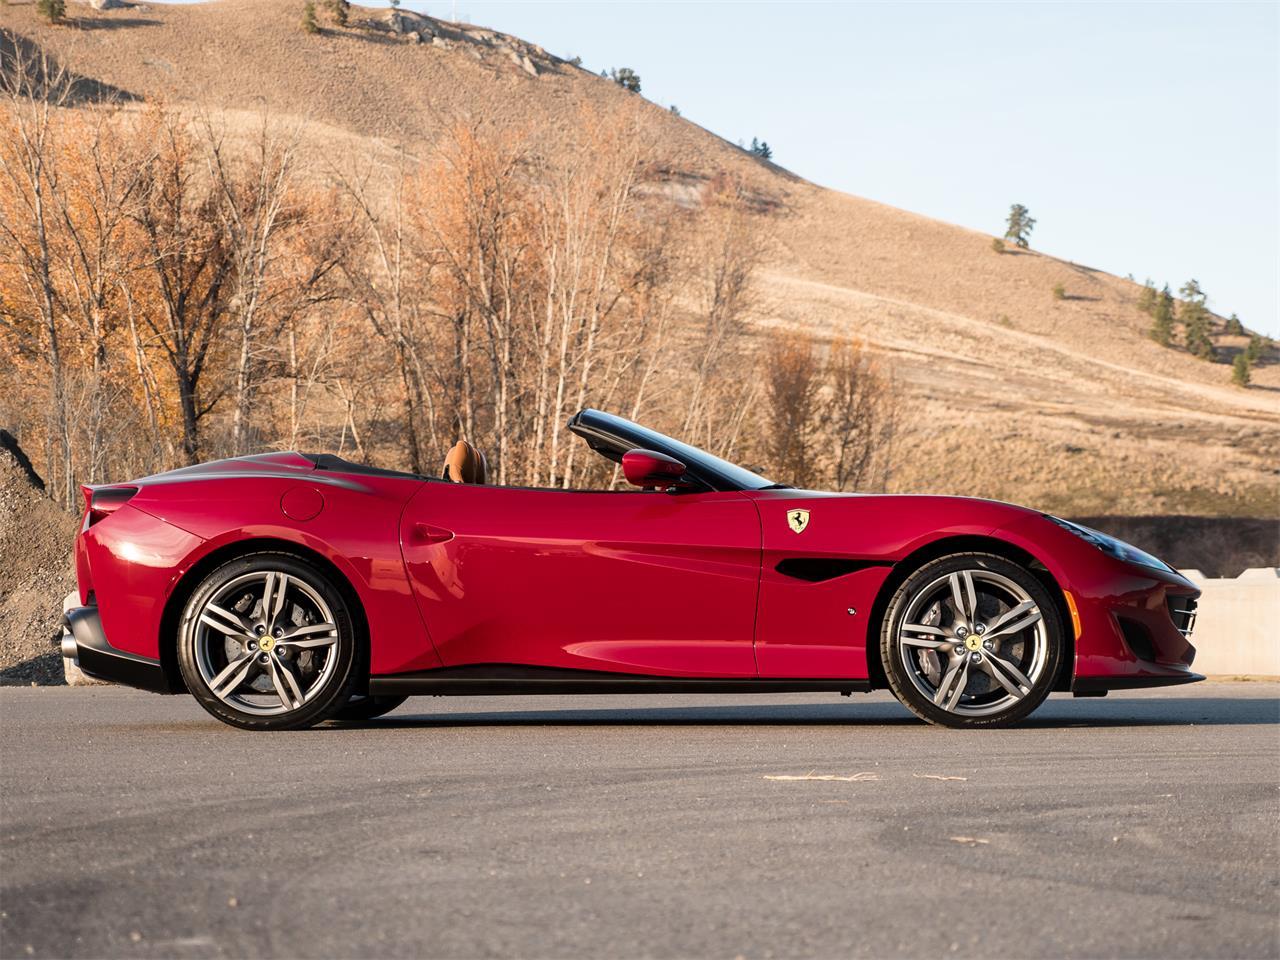 2019 Ferrari Portofino (CC-1297350) for sale in Kelowna, British Columbia